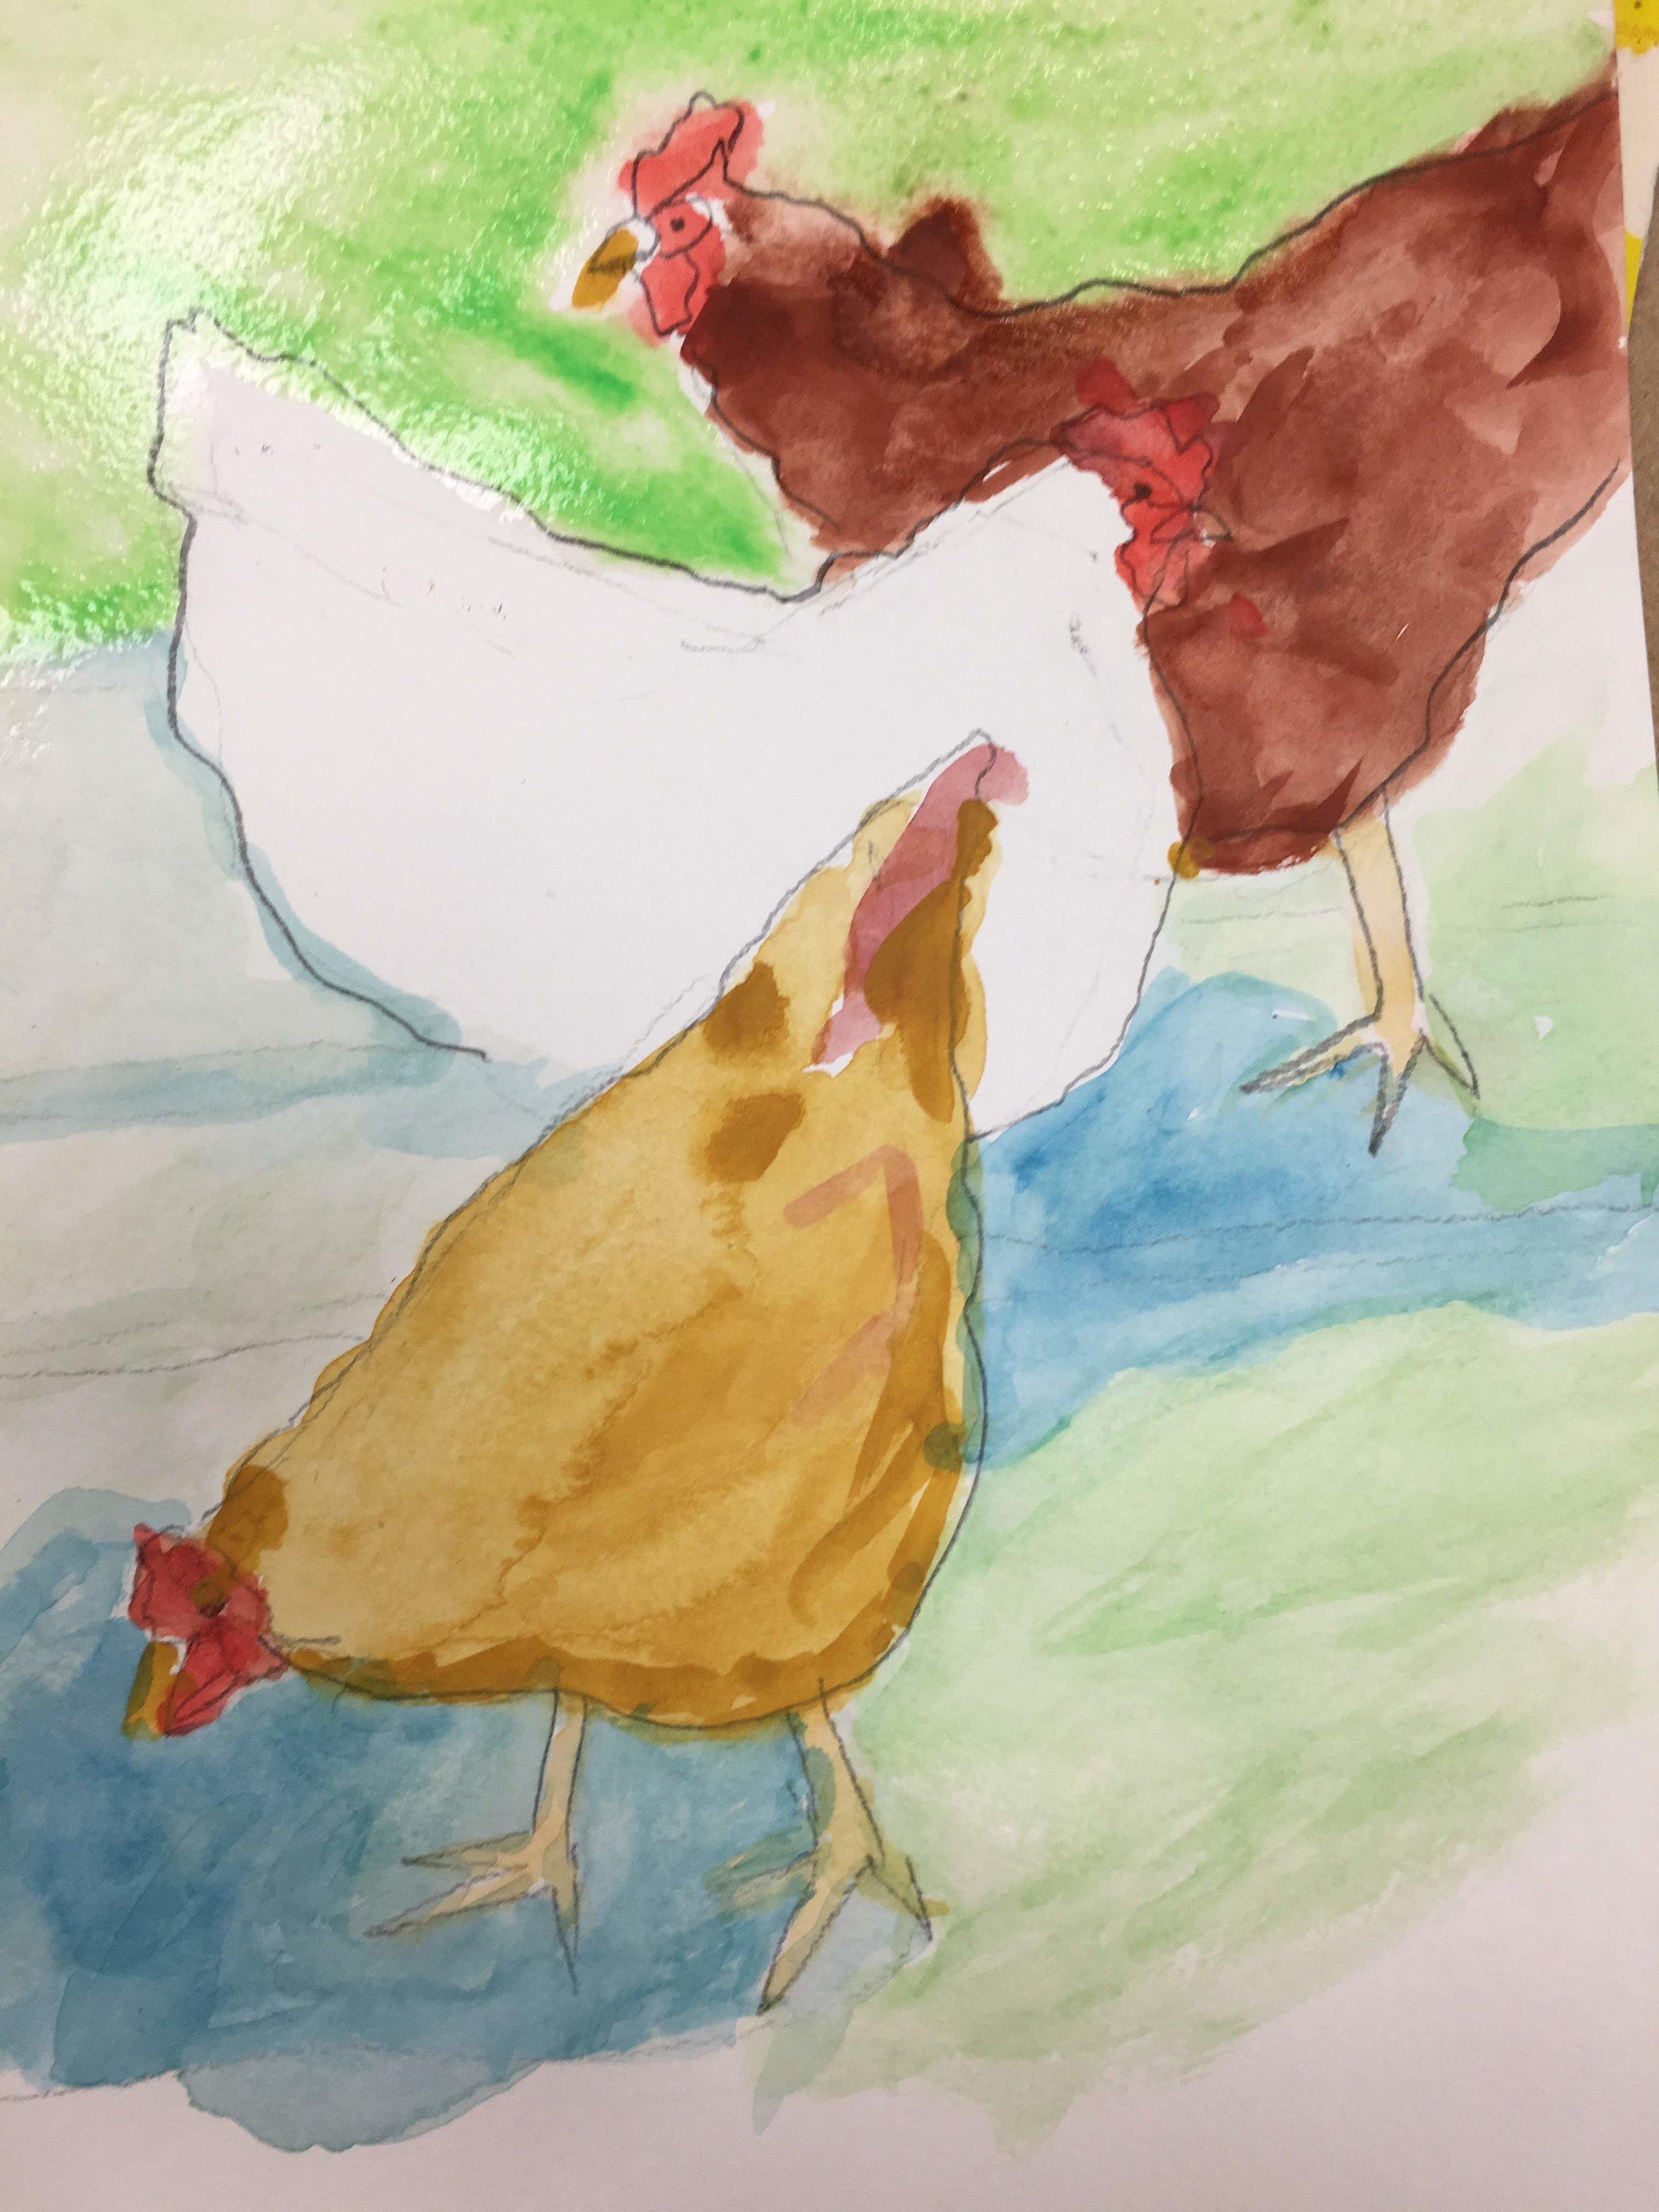 chicken cw 1.JPG